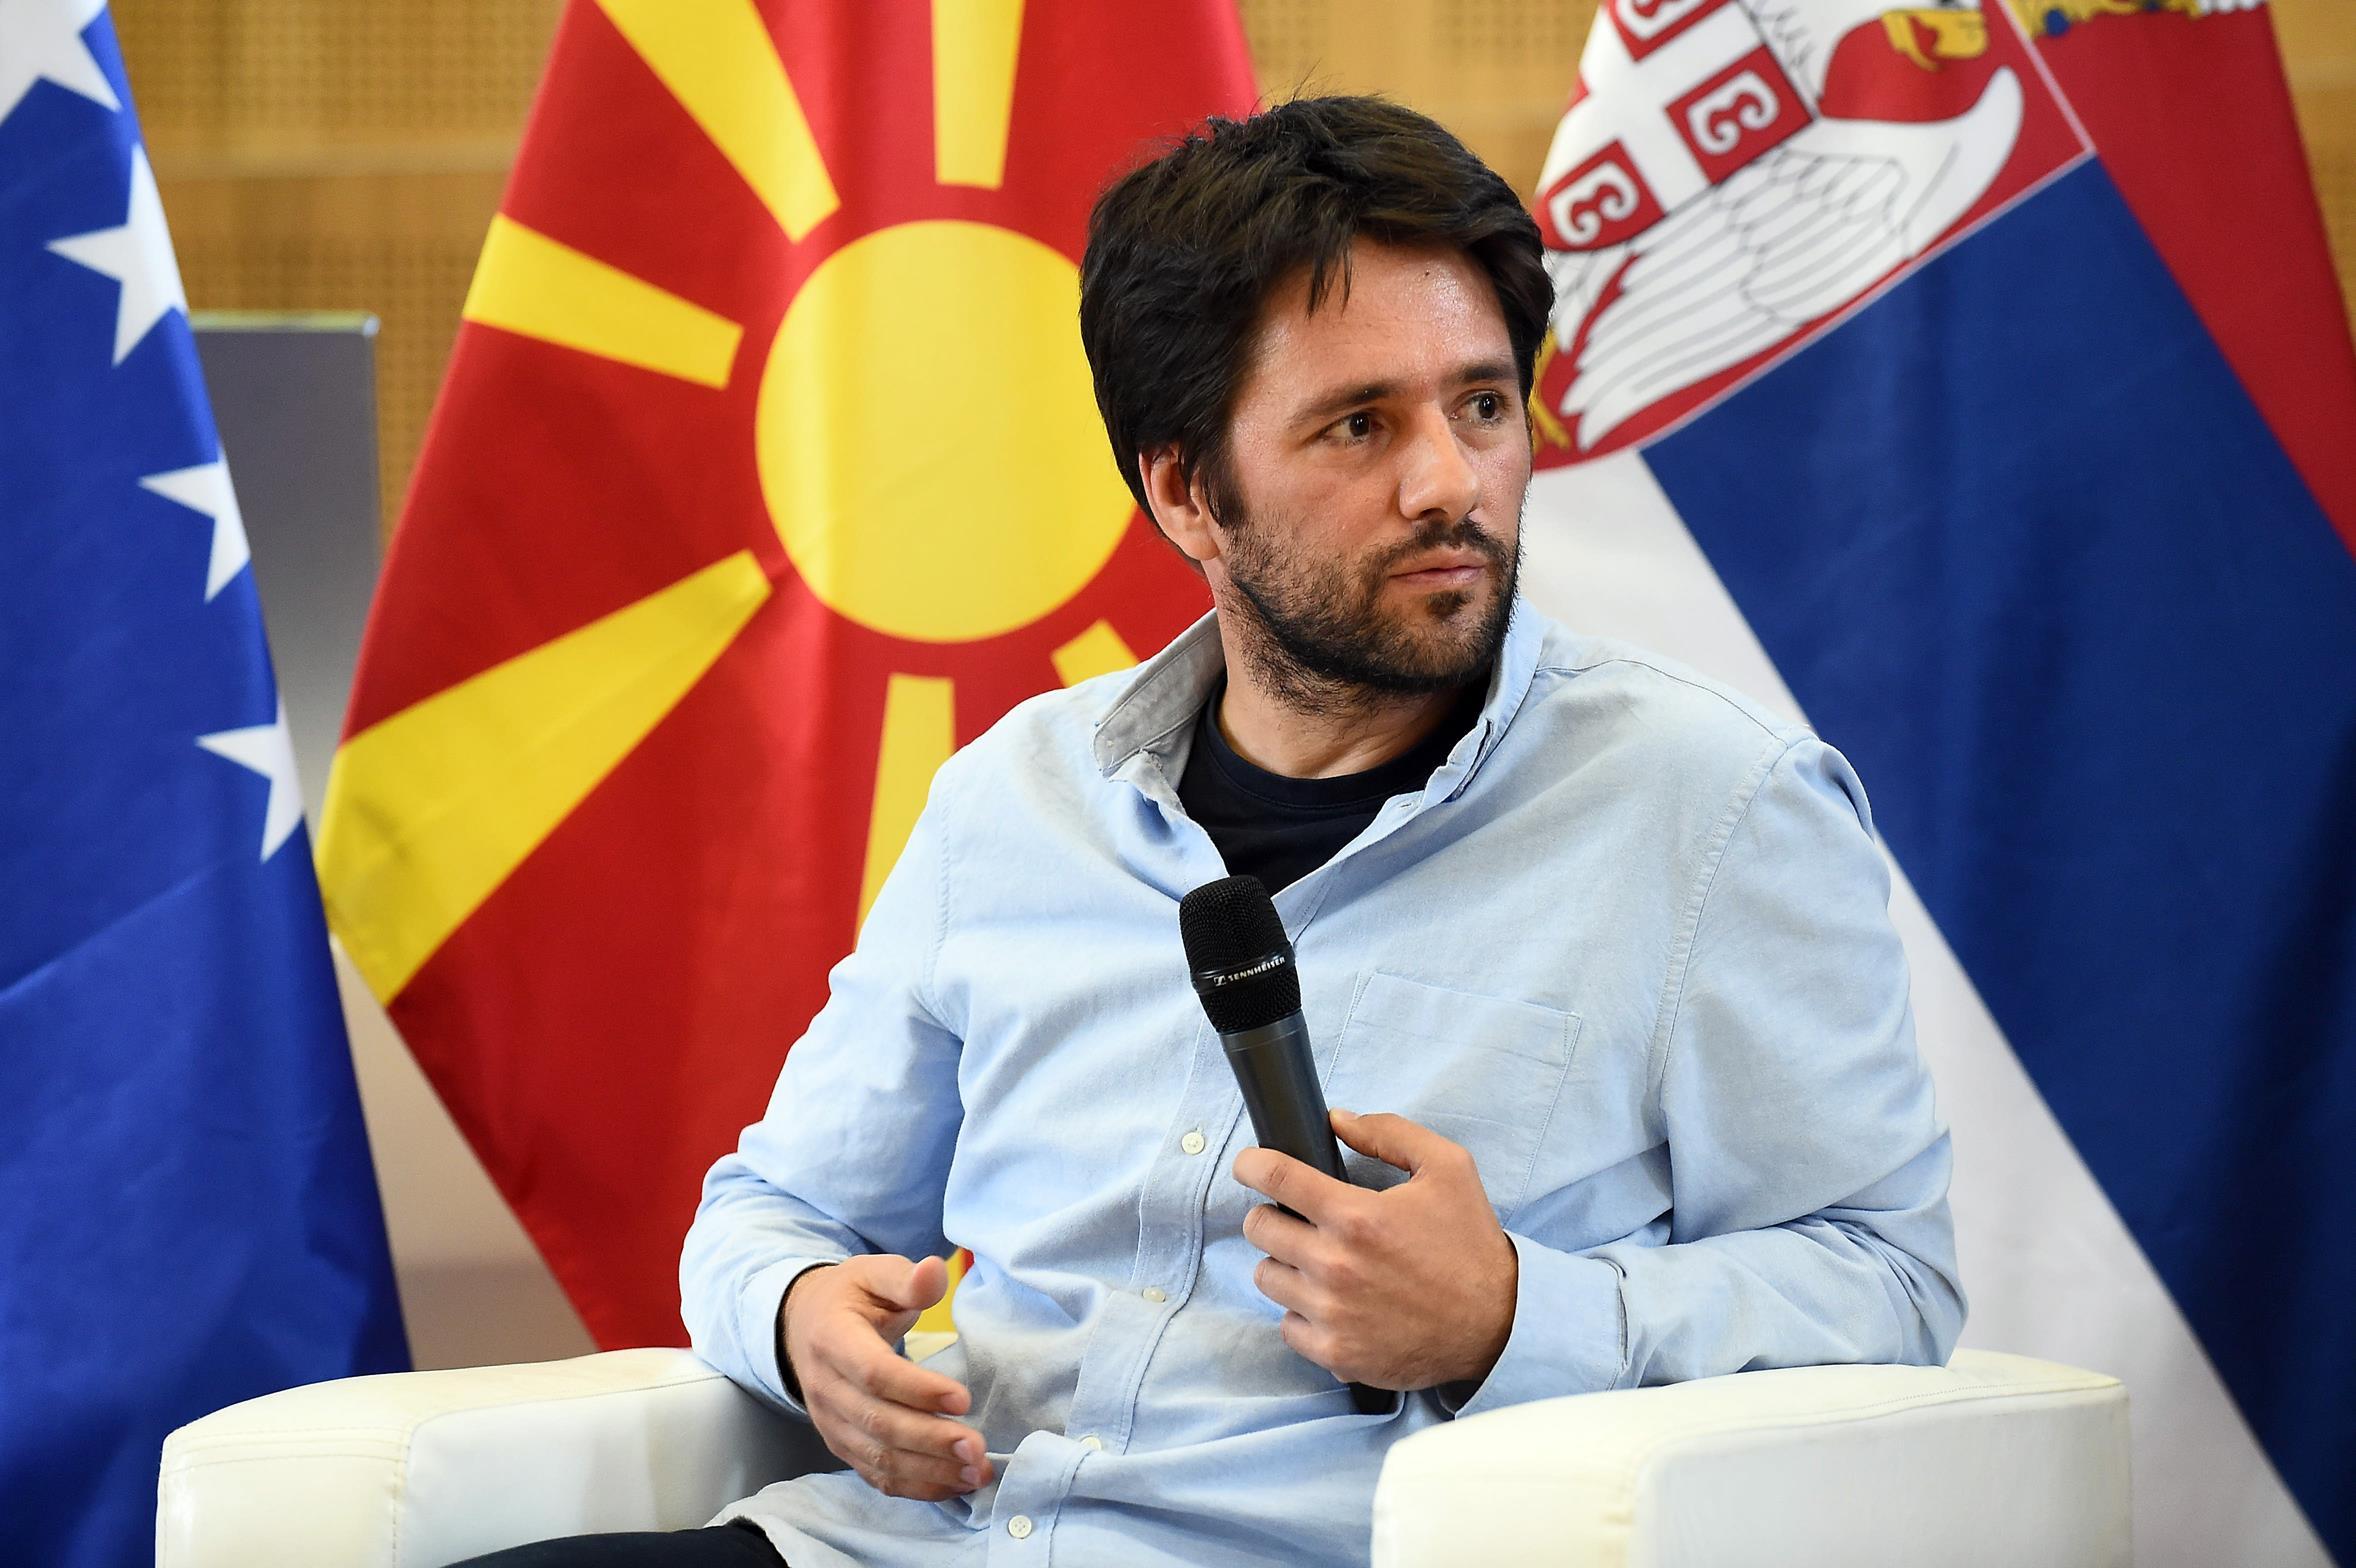 Vladimir Spasic western balkans energy warsaw institute k5 6